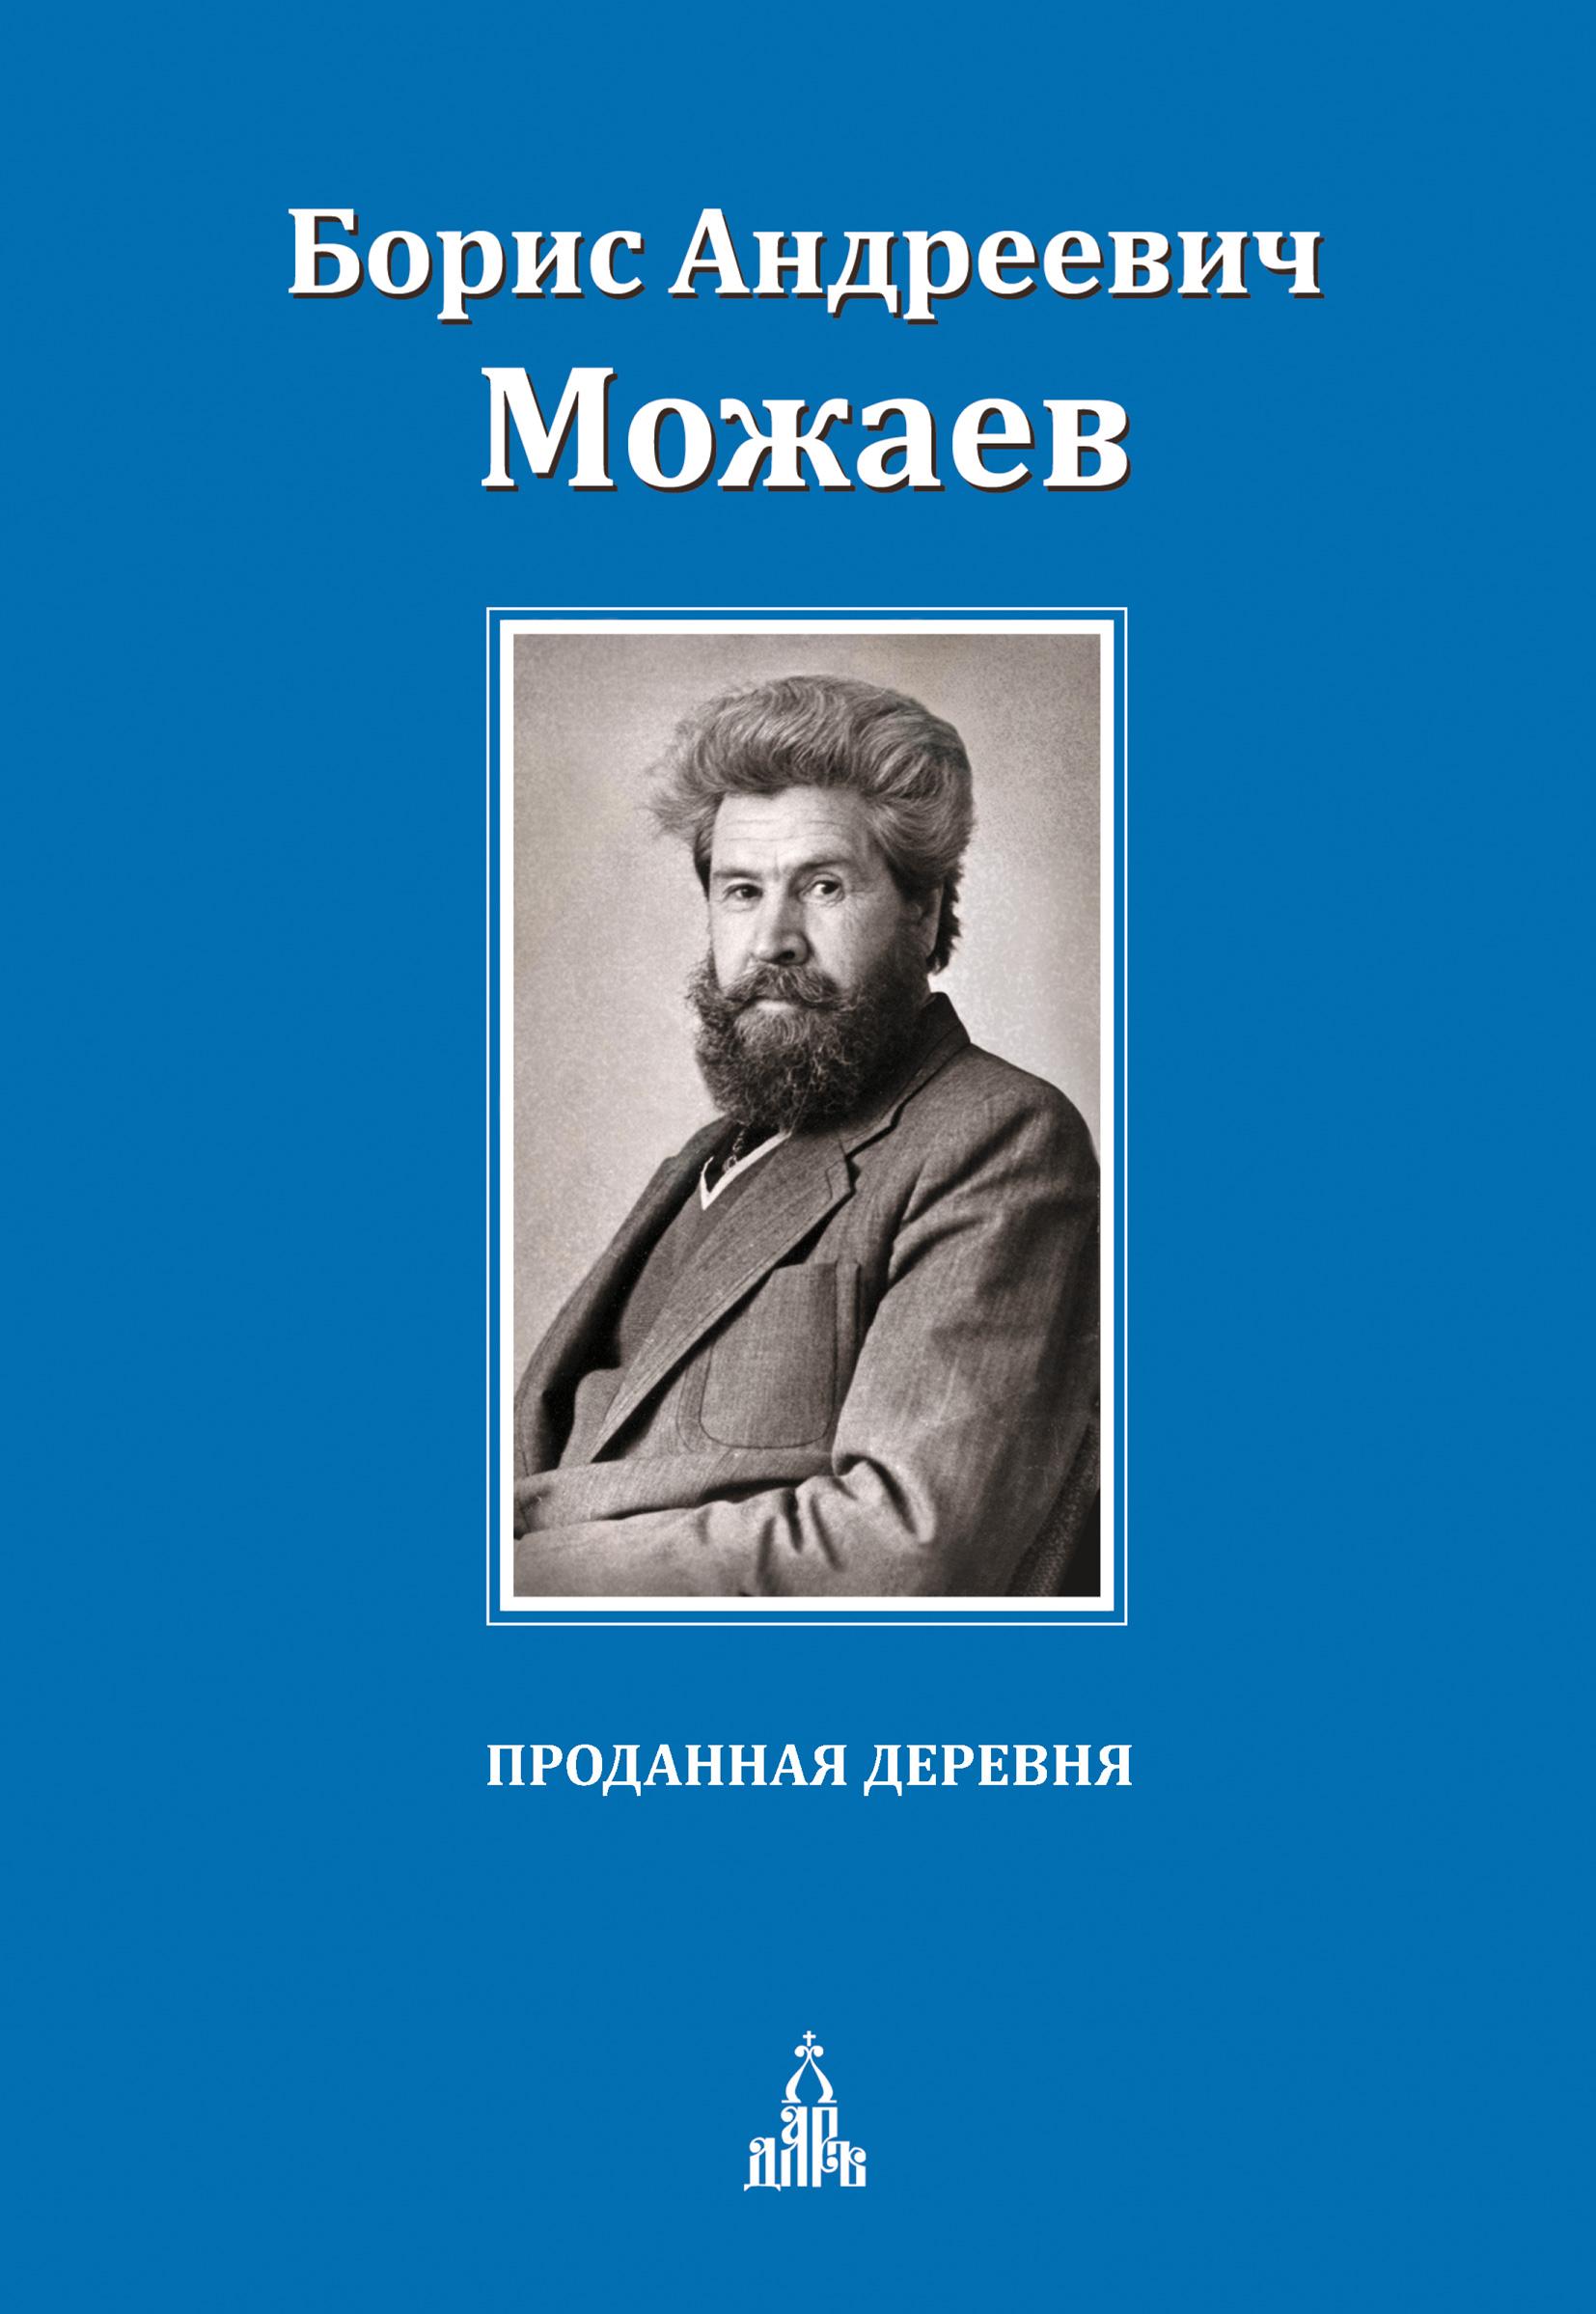 Проданная деревня (сборник)_Борис Можаев